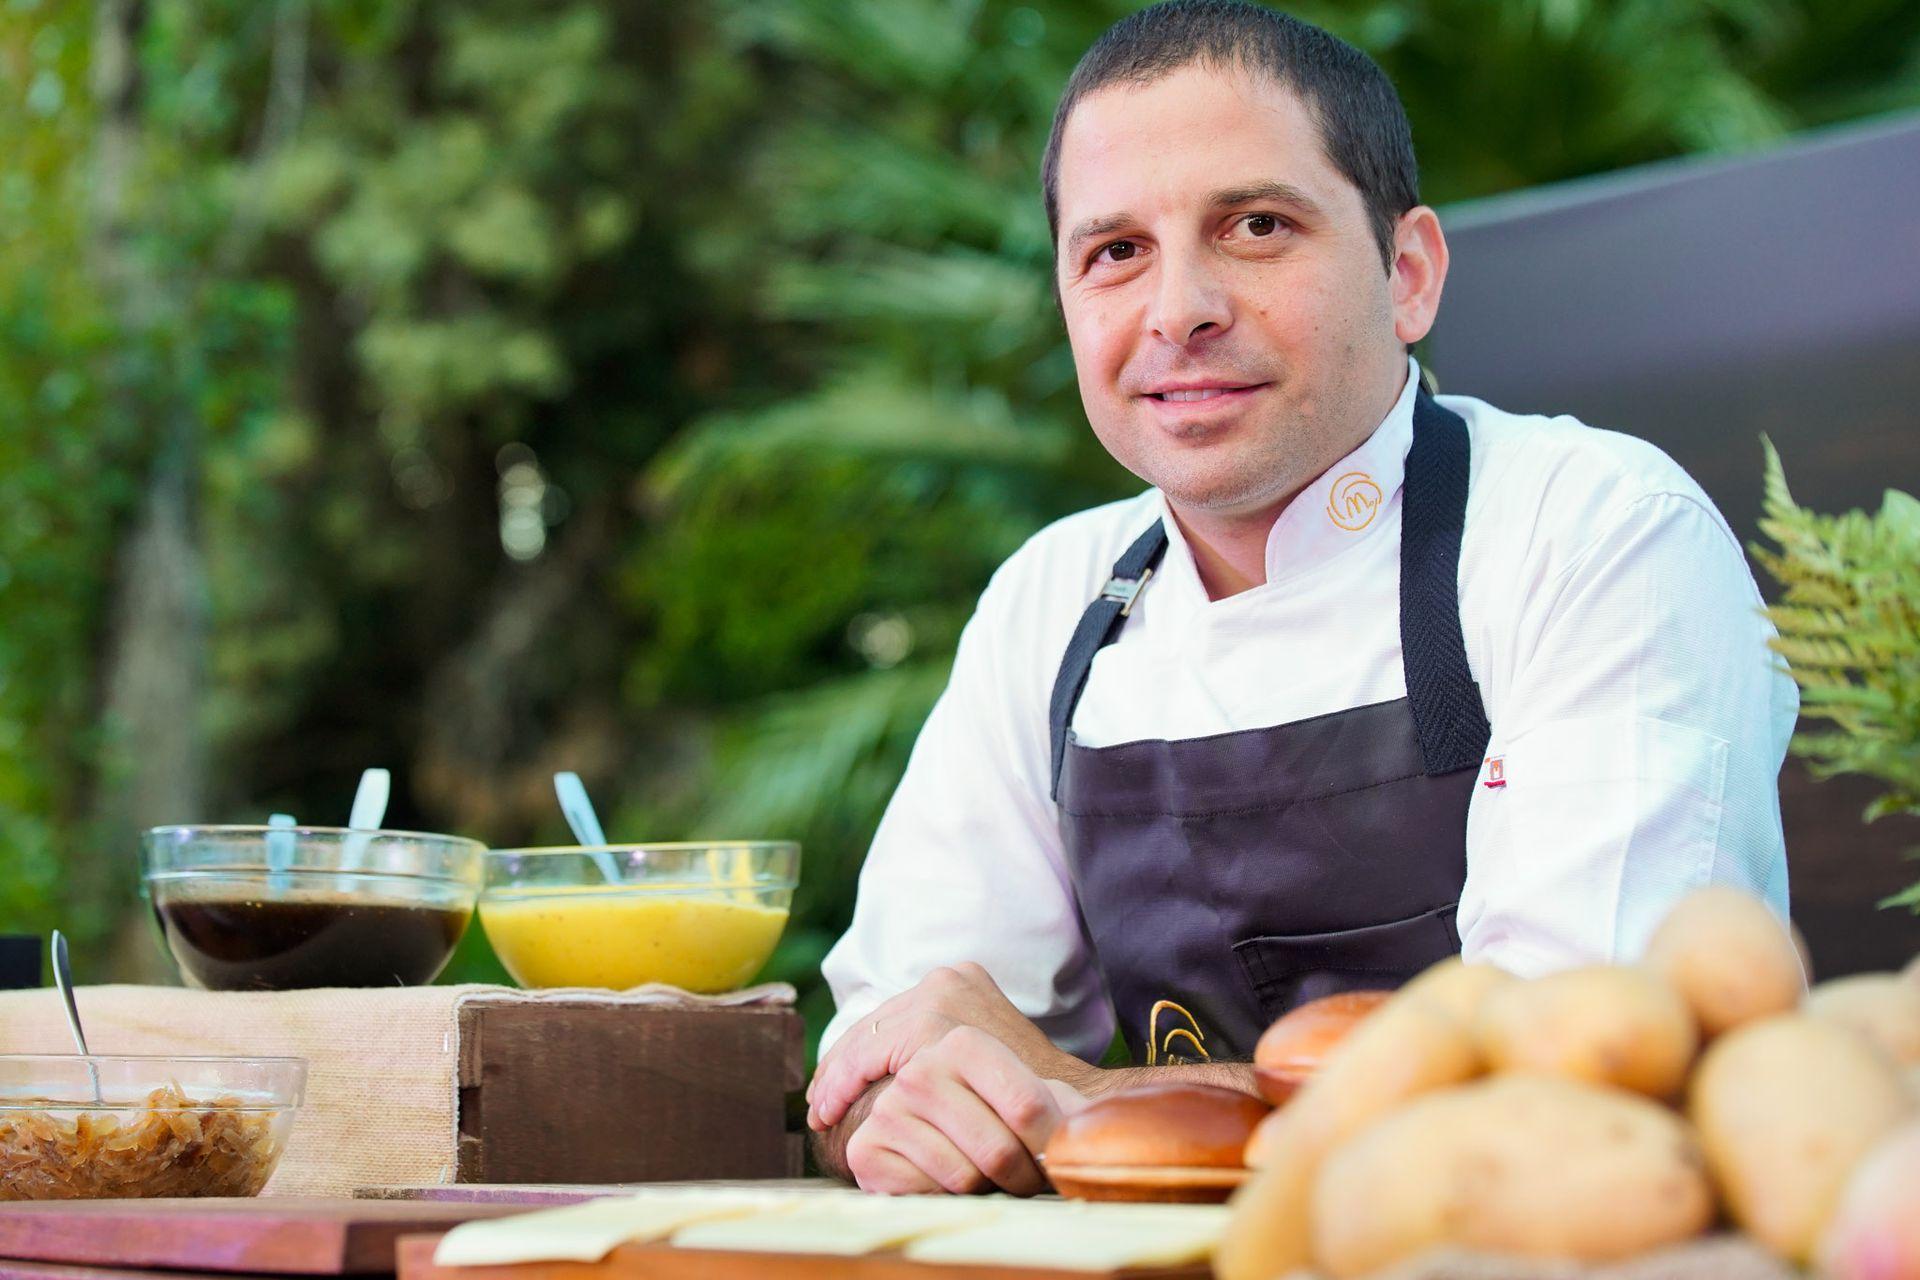 Ariel Gravano, Chef Ejecutivo de McDonald's, estuvo a cargo del desarrollo del menú preparado íntegramente con insumos de McDonald's